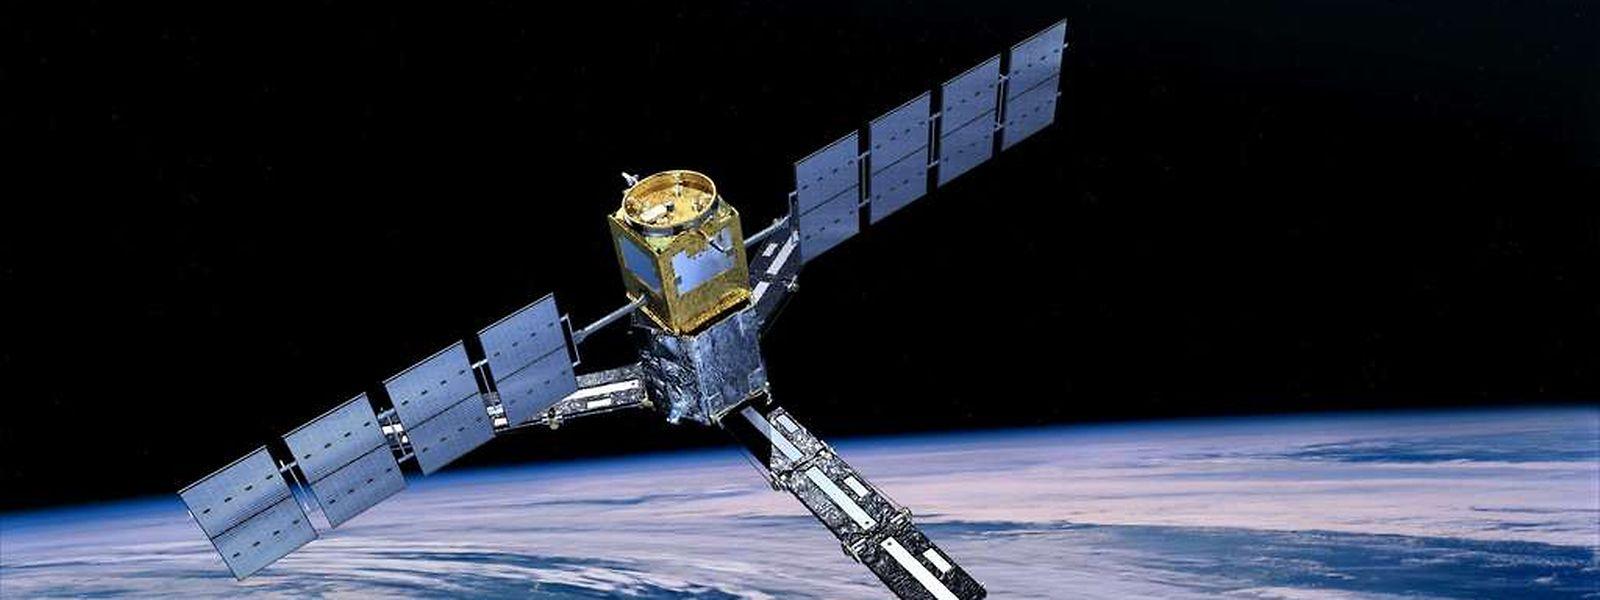 Verteidigungsminister Etienne Schneider verspricht sich vom Militärsatelliten wirtschaftliche Gewinne im zweistelligen Prozentbereich.